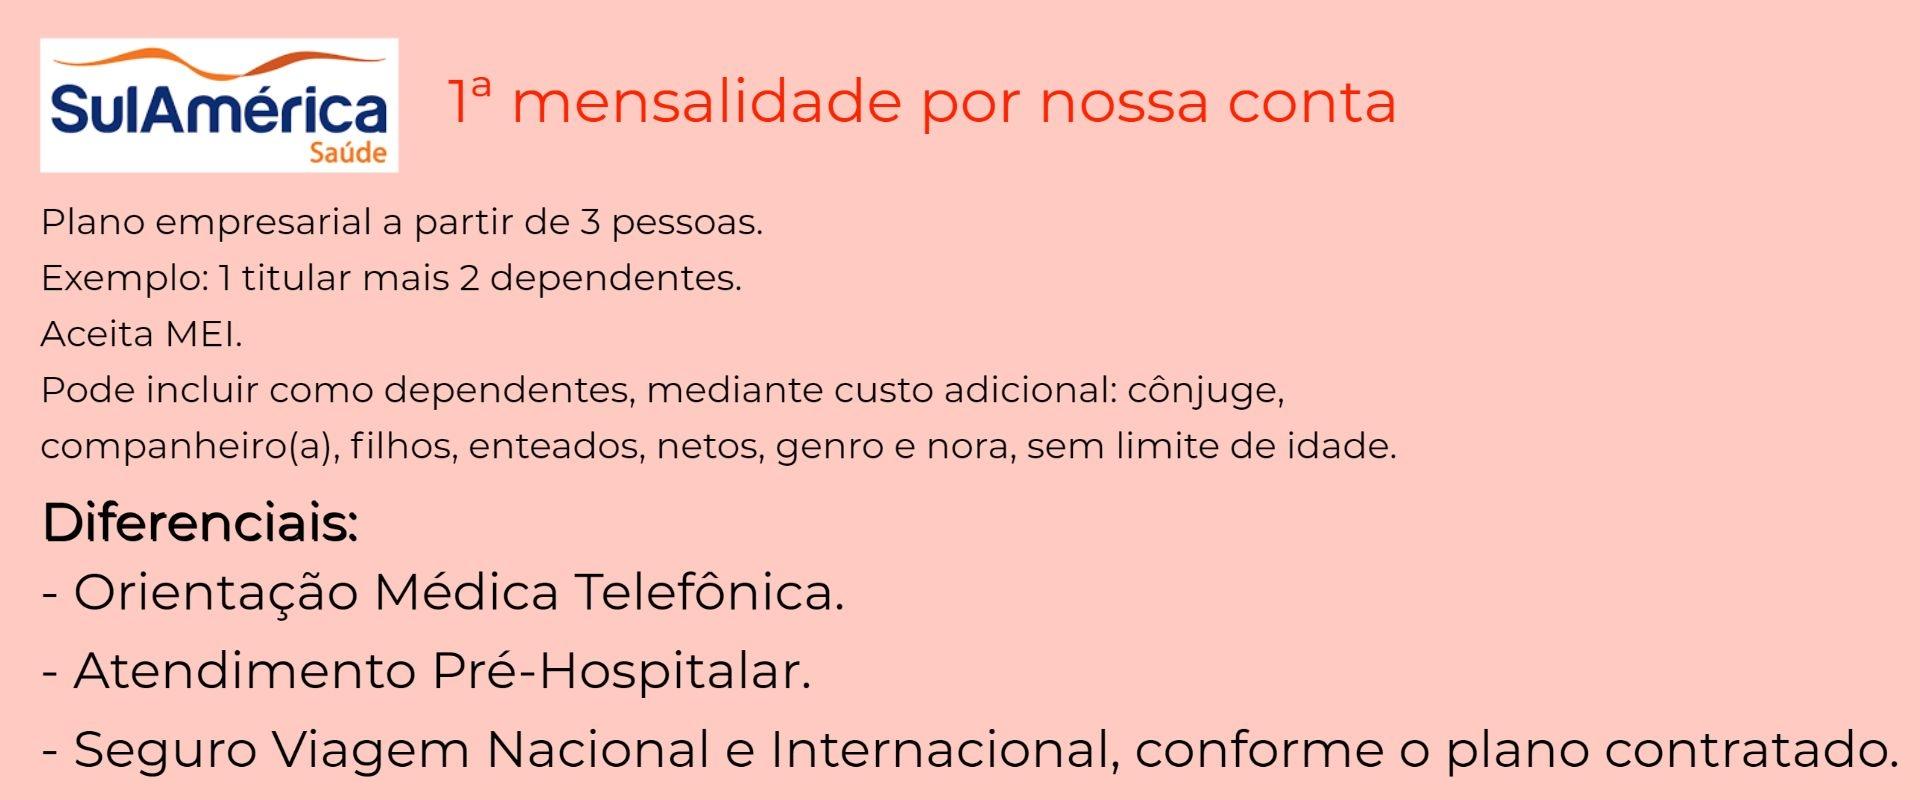 Sul América Saúde Empresarial - Vitória da Conquista